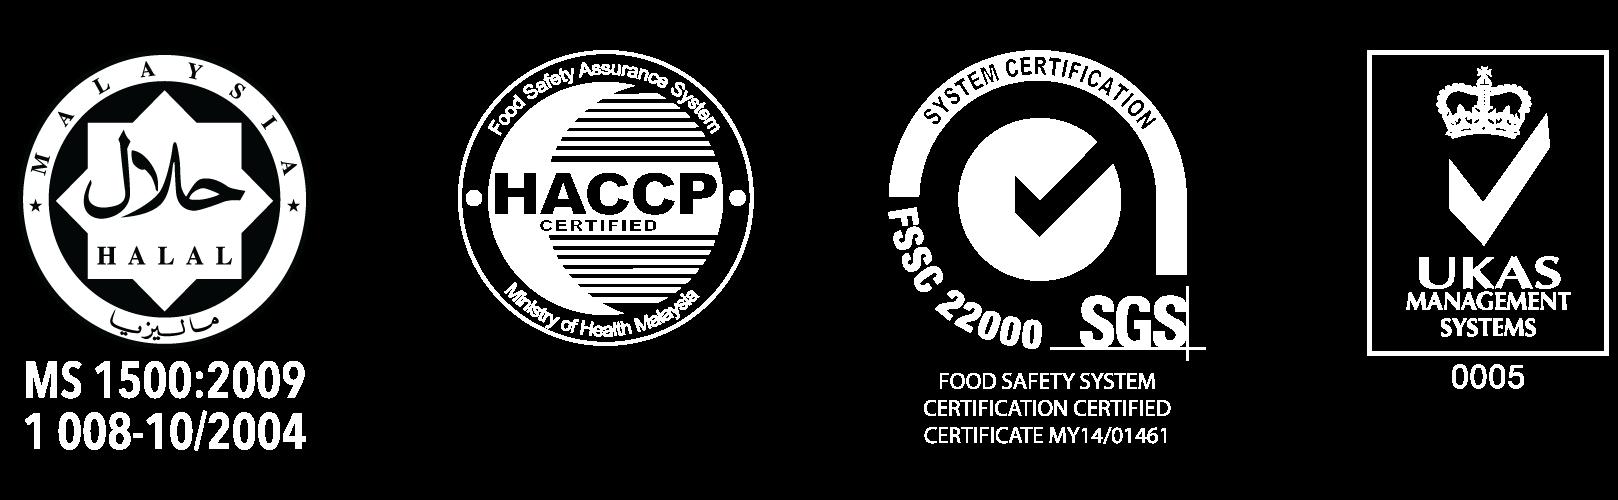 HACCP-UKAS-HALAL-JAKIM-FSSC-Logo-1